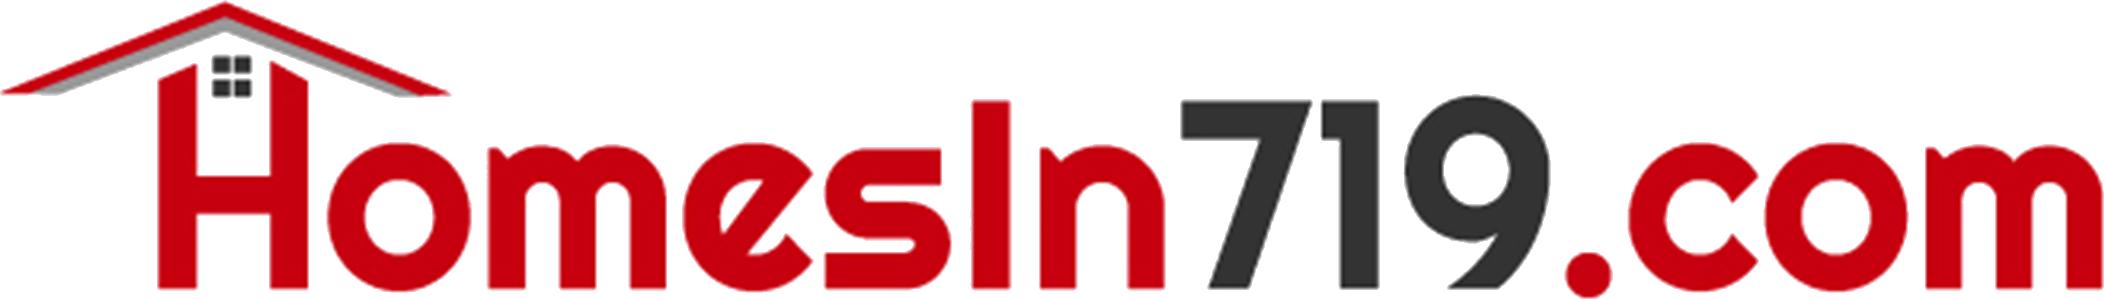 HomesIn719.com